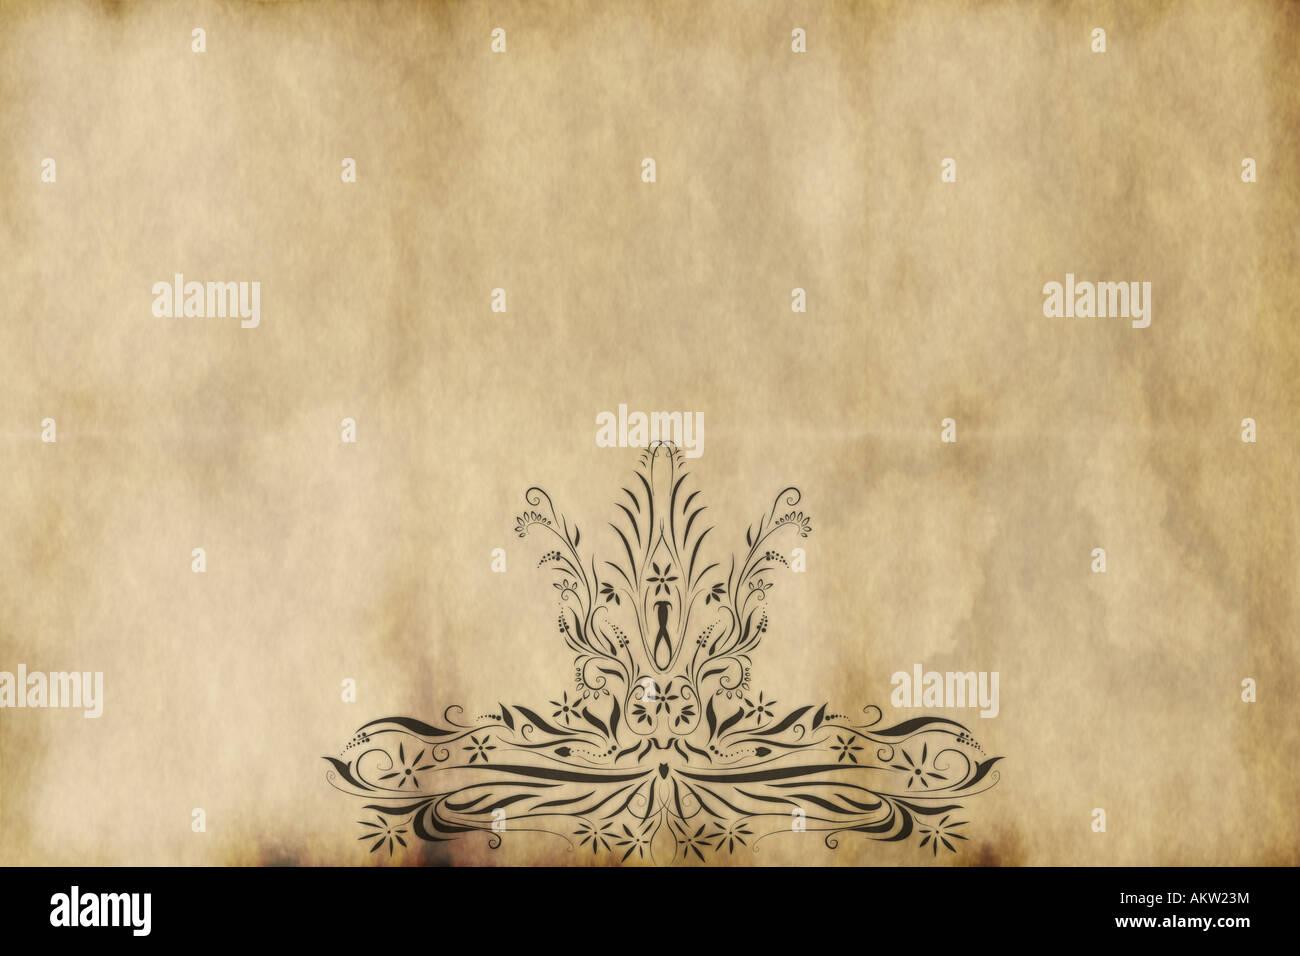 Design im königlichen Stil auf altem Papier gedruckt Stockfoto